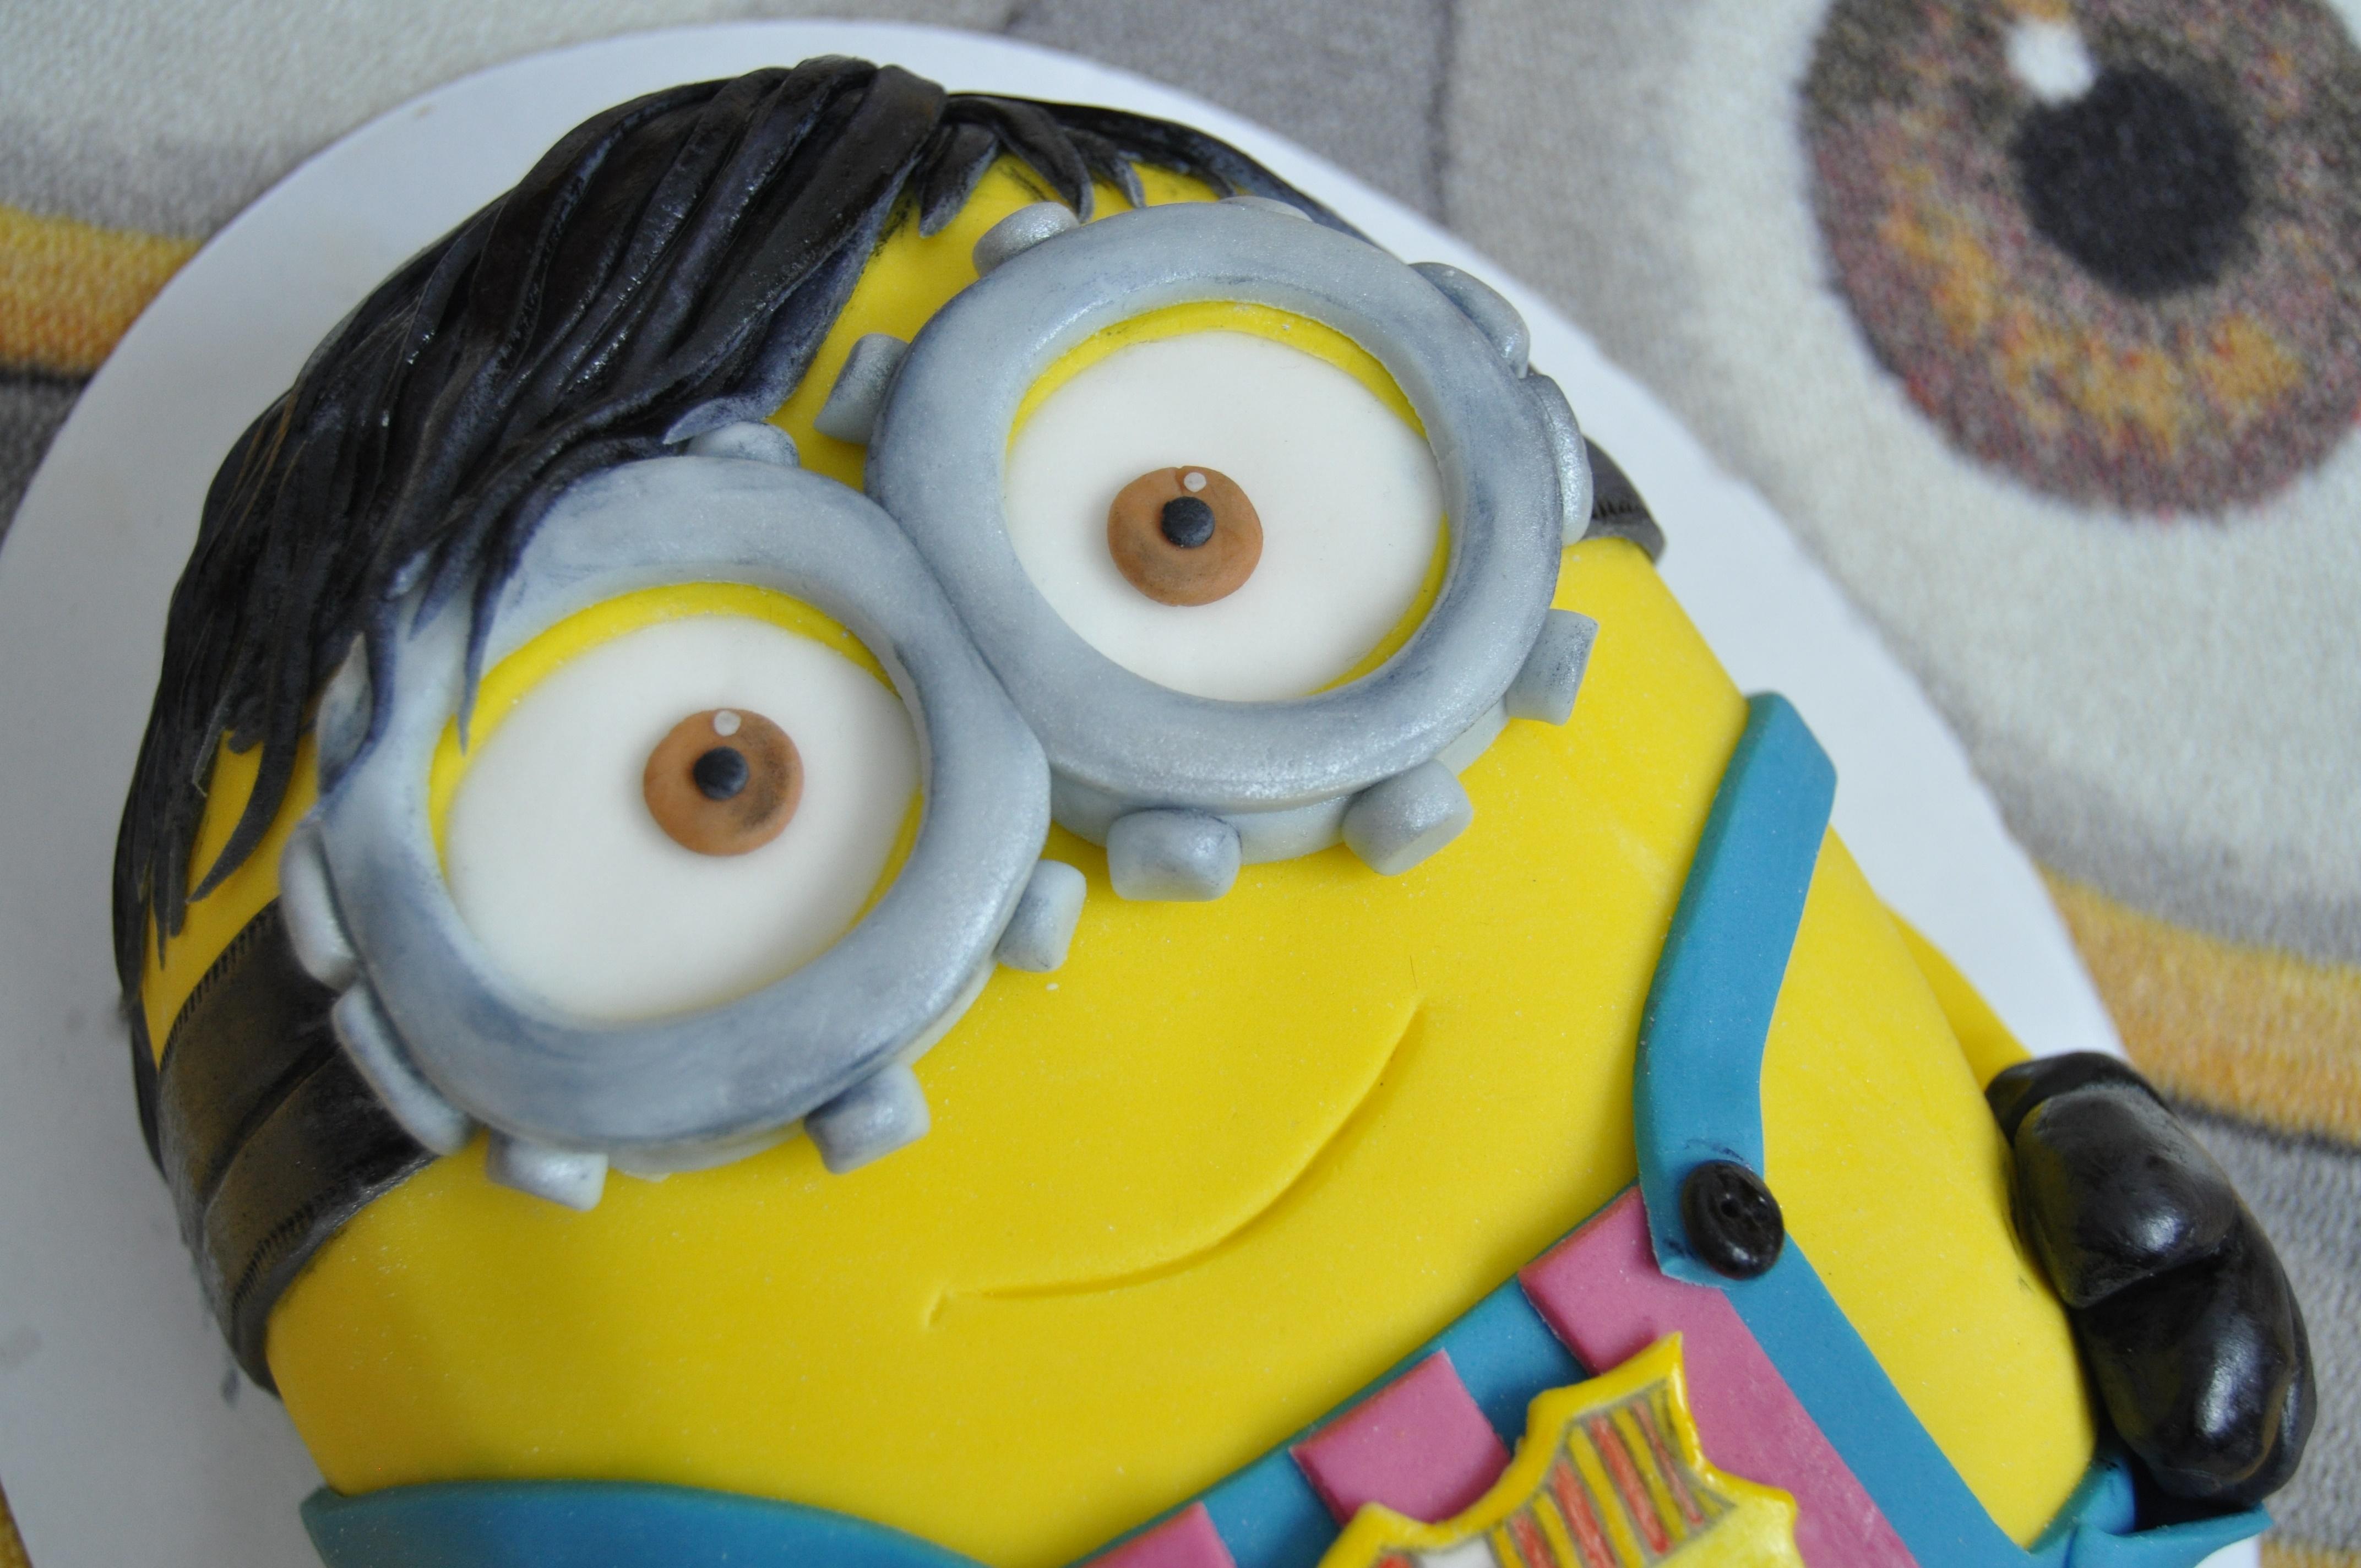 Kreatívna tortička mimoňa. Zdroj: Slávka Gracová